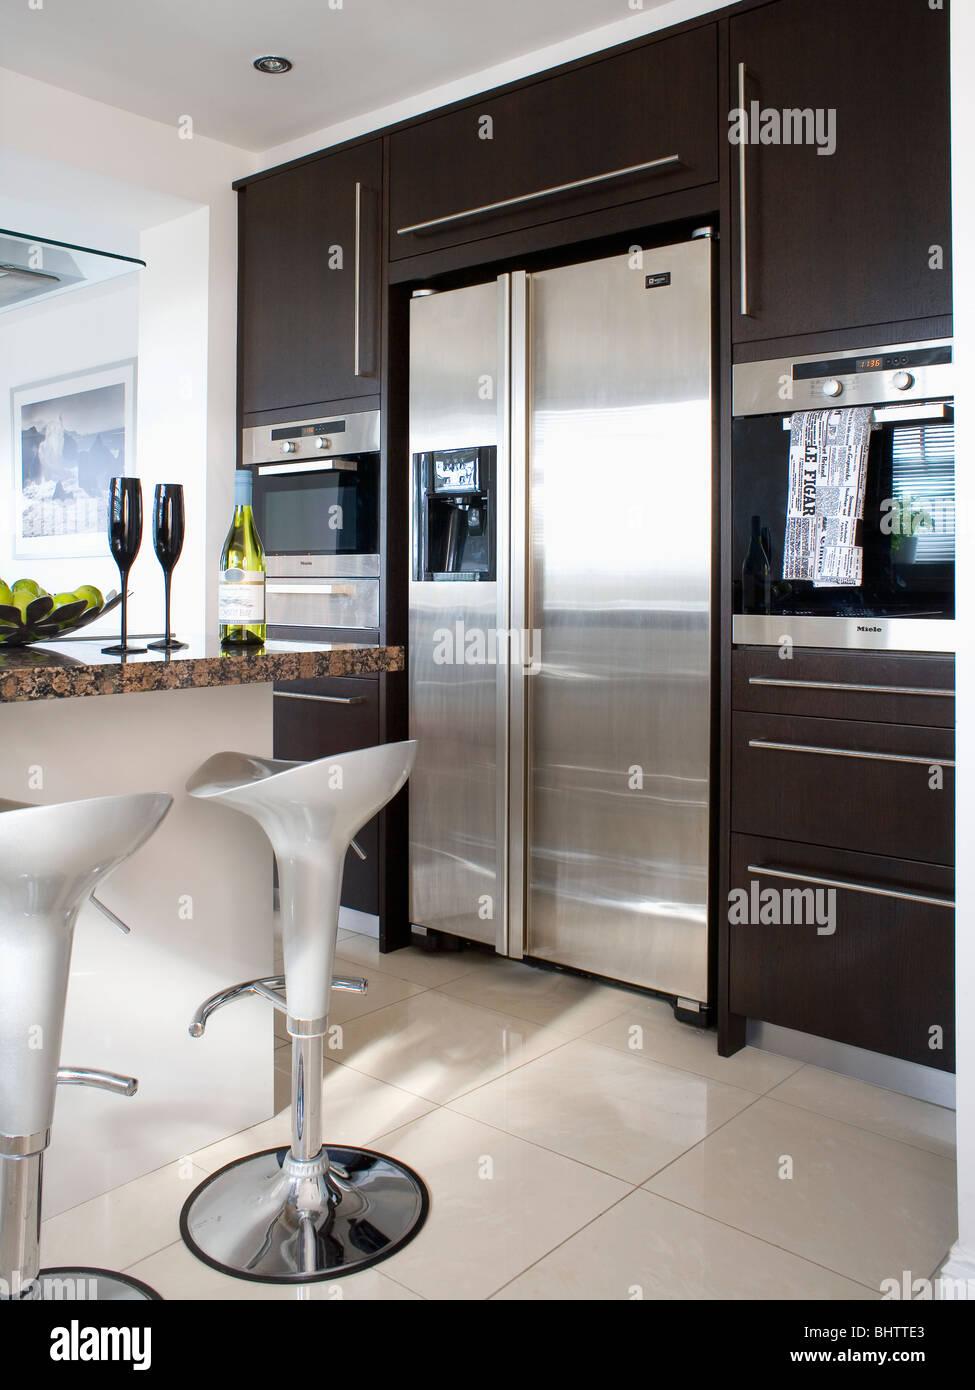 Acciaio Bombo sgabelli in cucina moderna con grande stile ...